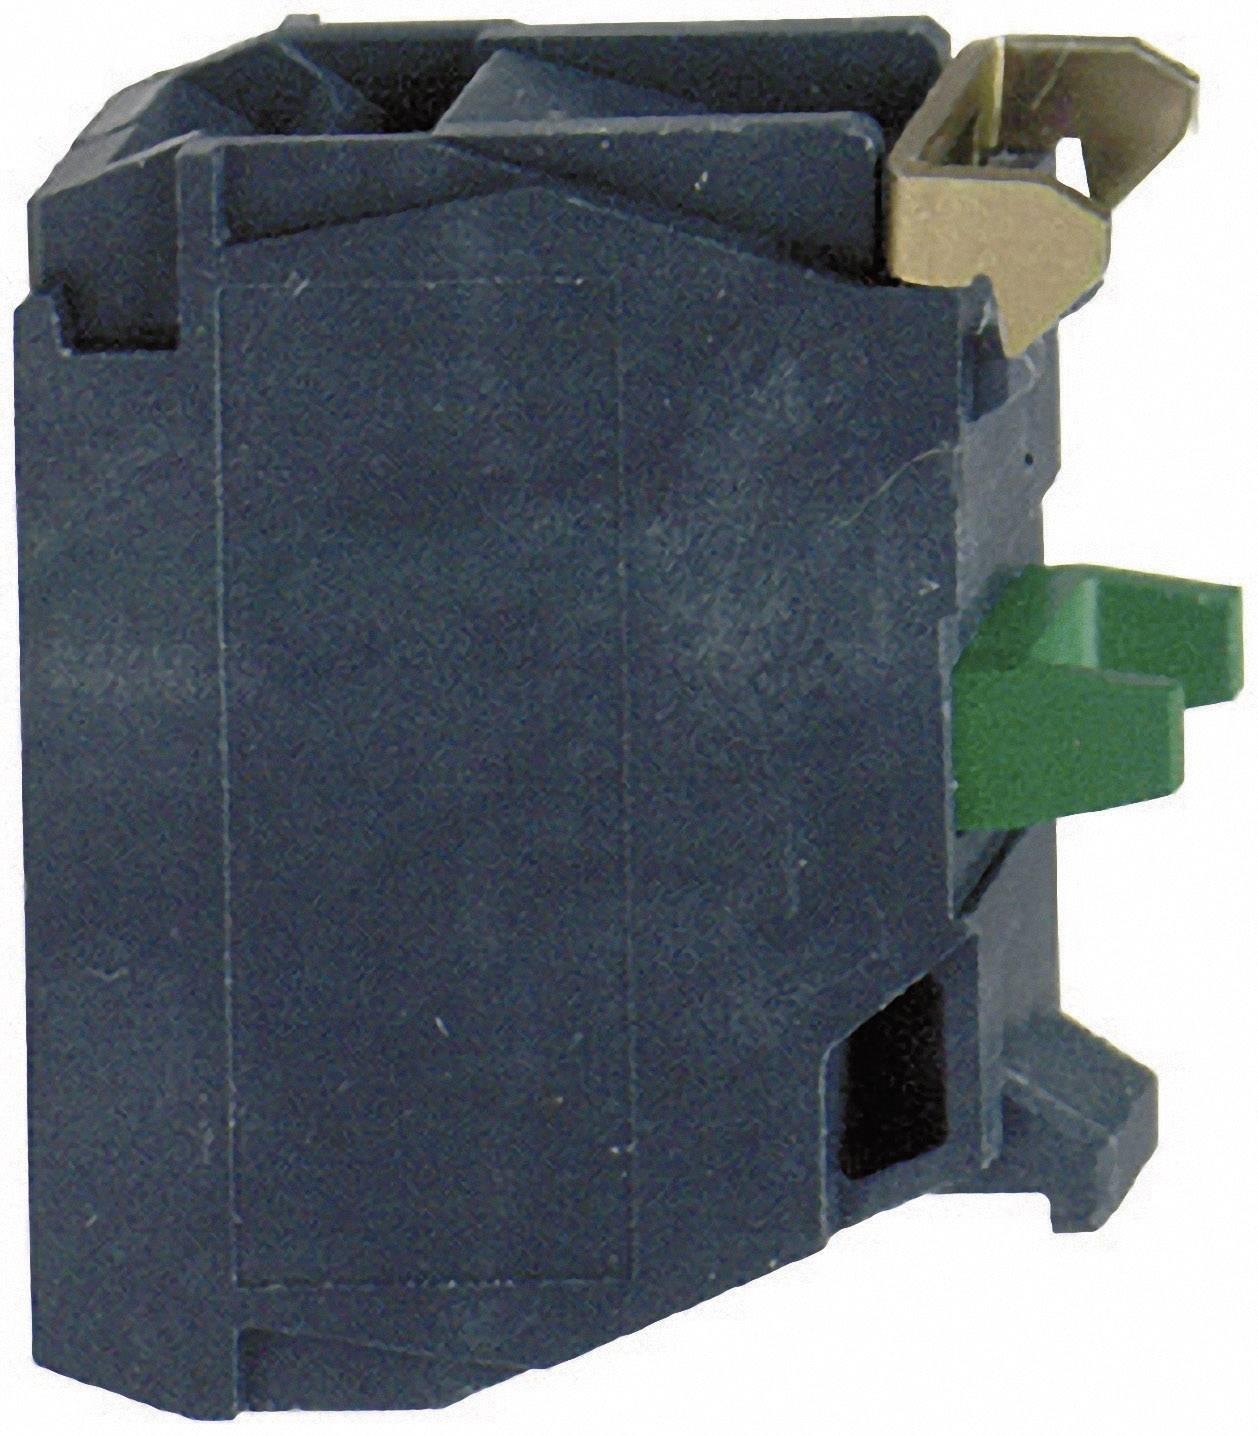 Polosestava kontaktů Schneider Electric ZBE101, 240 V, 3 A, 1 spínací